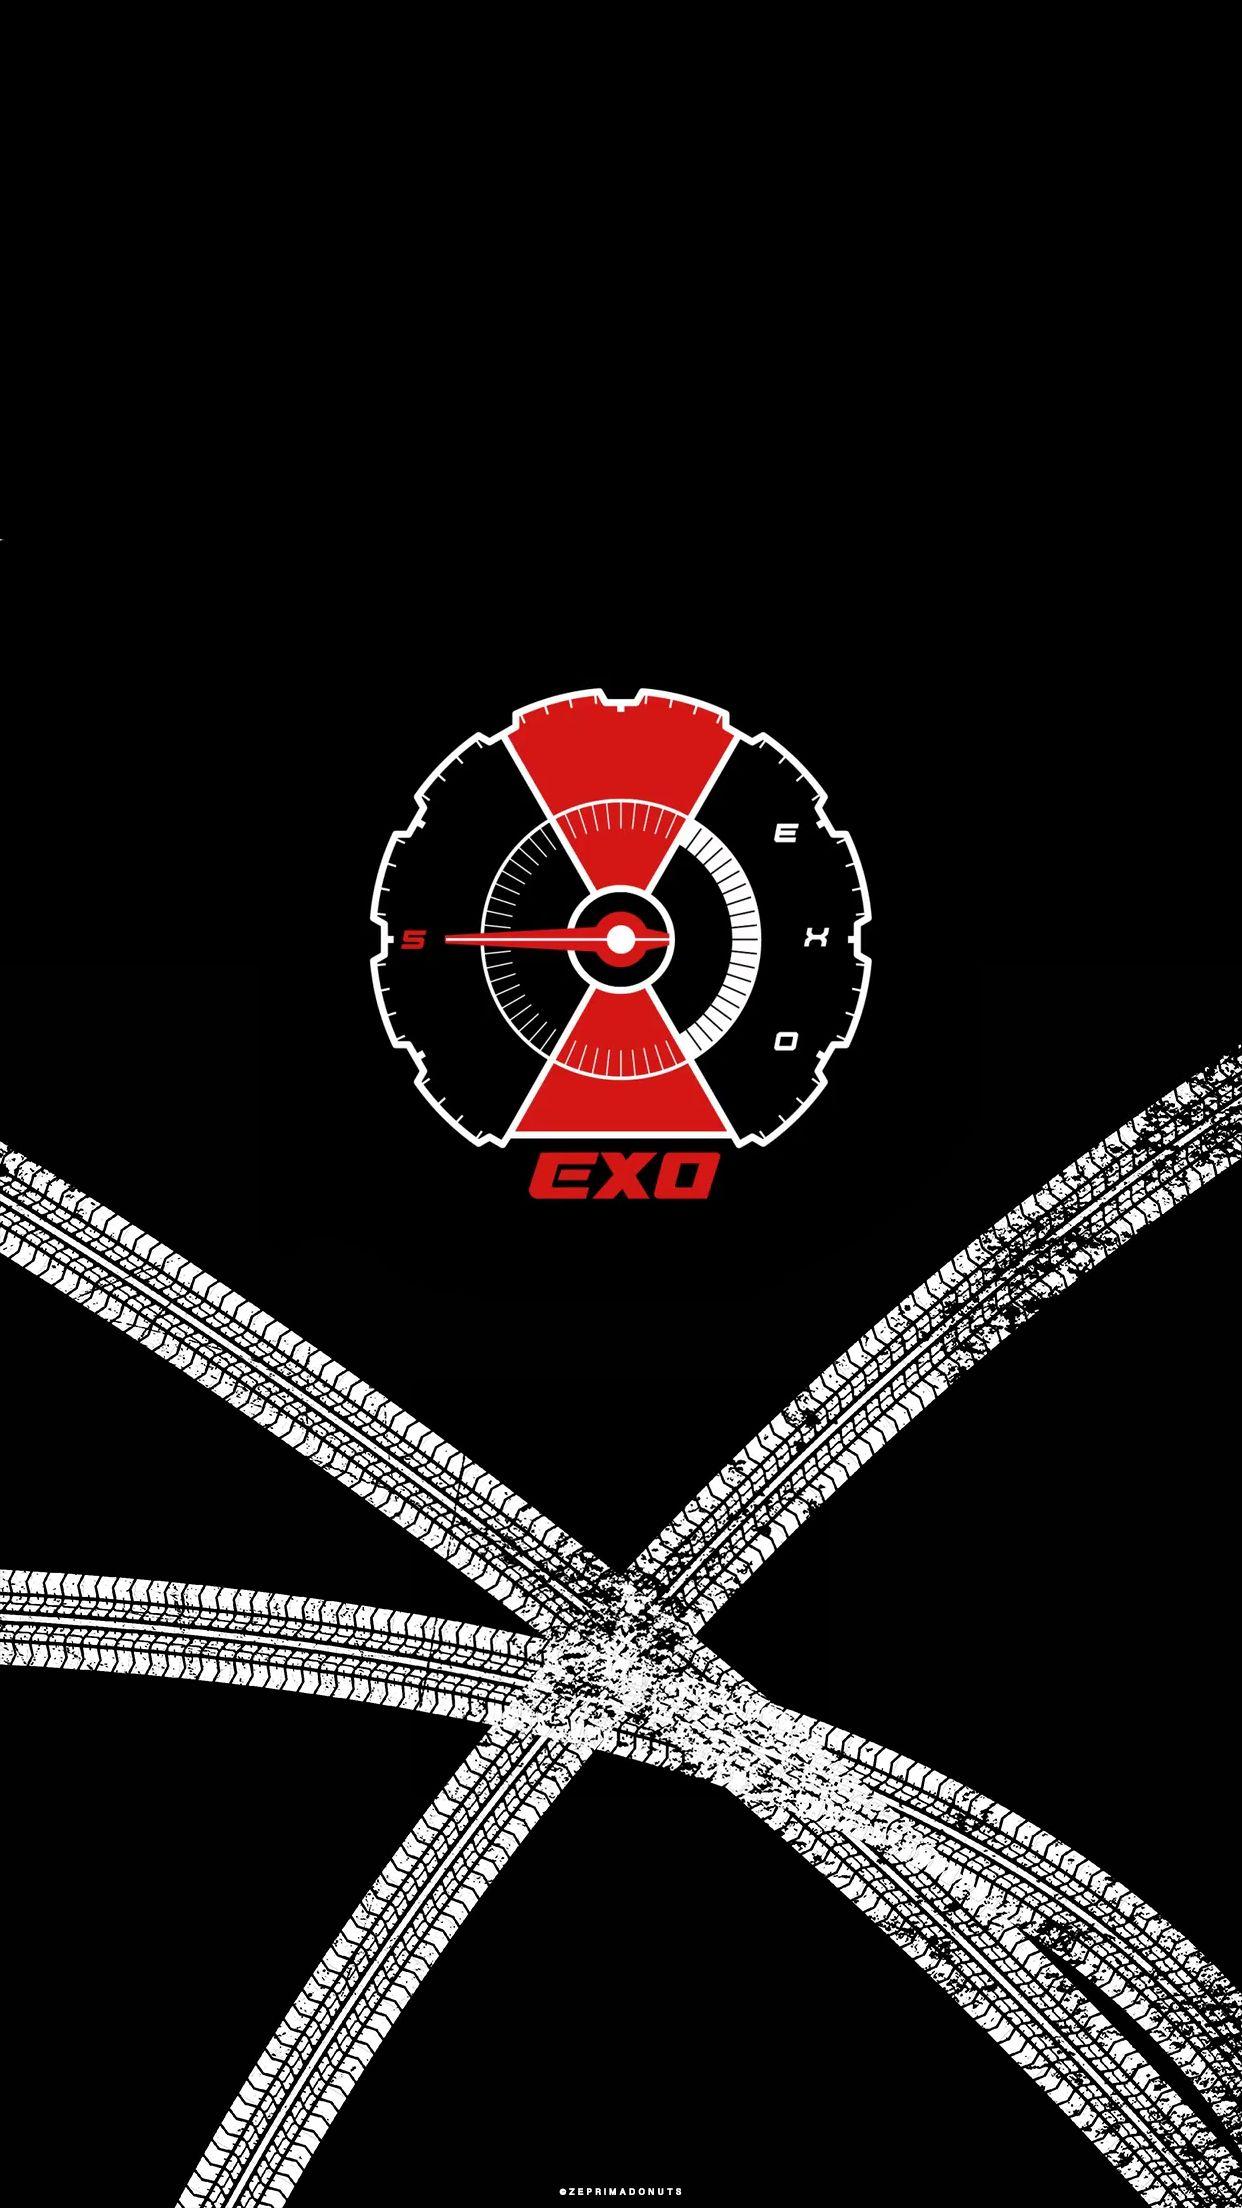 Pin By Quack Soo On Sm Entertainment Exo Exo Lockscreen Exo Ot12